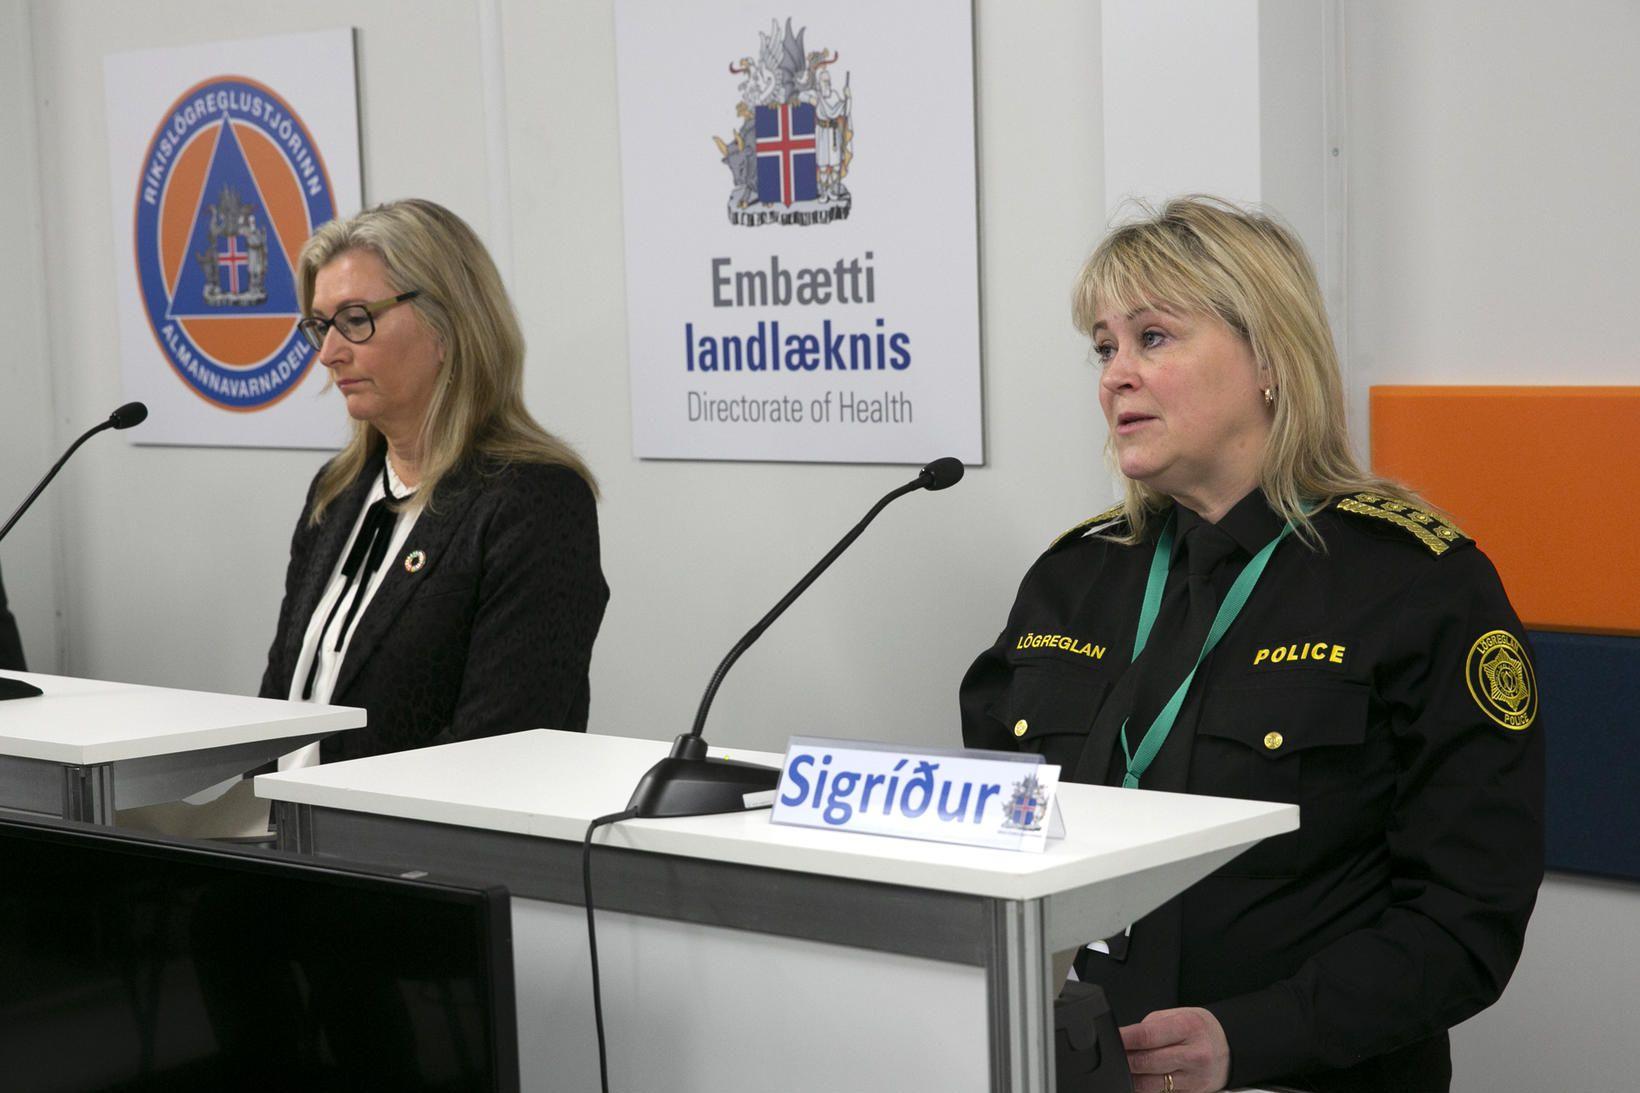 Alma D. Möller og Sigríður Björk Guðjónsdóttir á blaðamannafundinum.